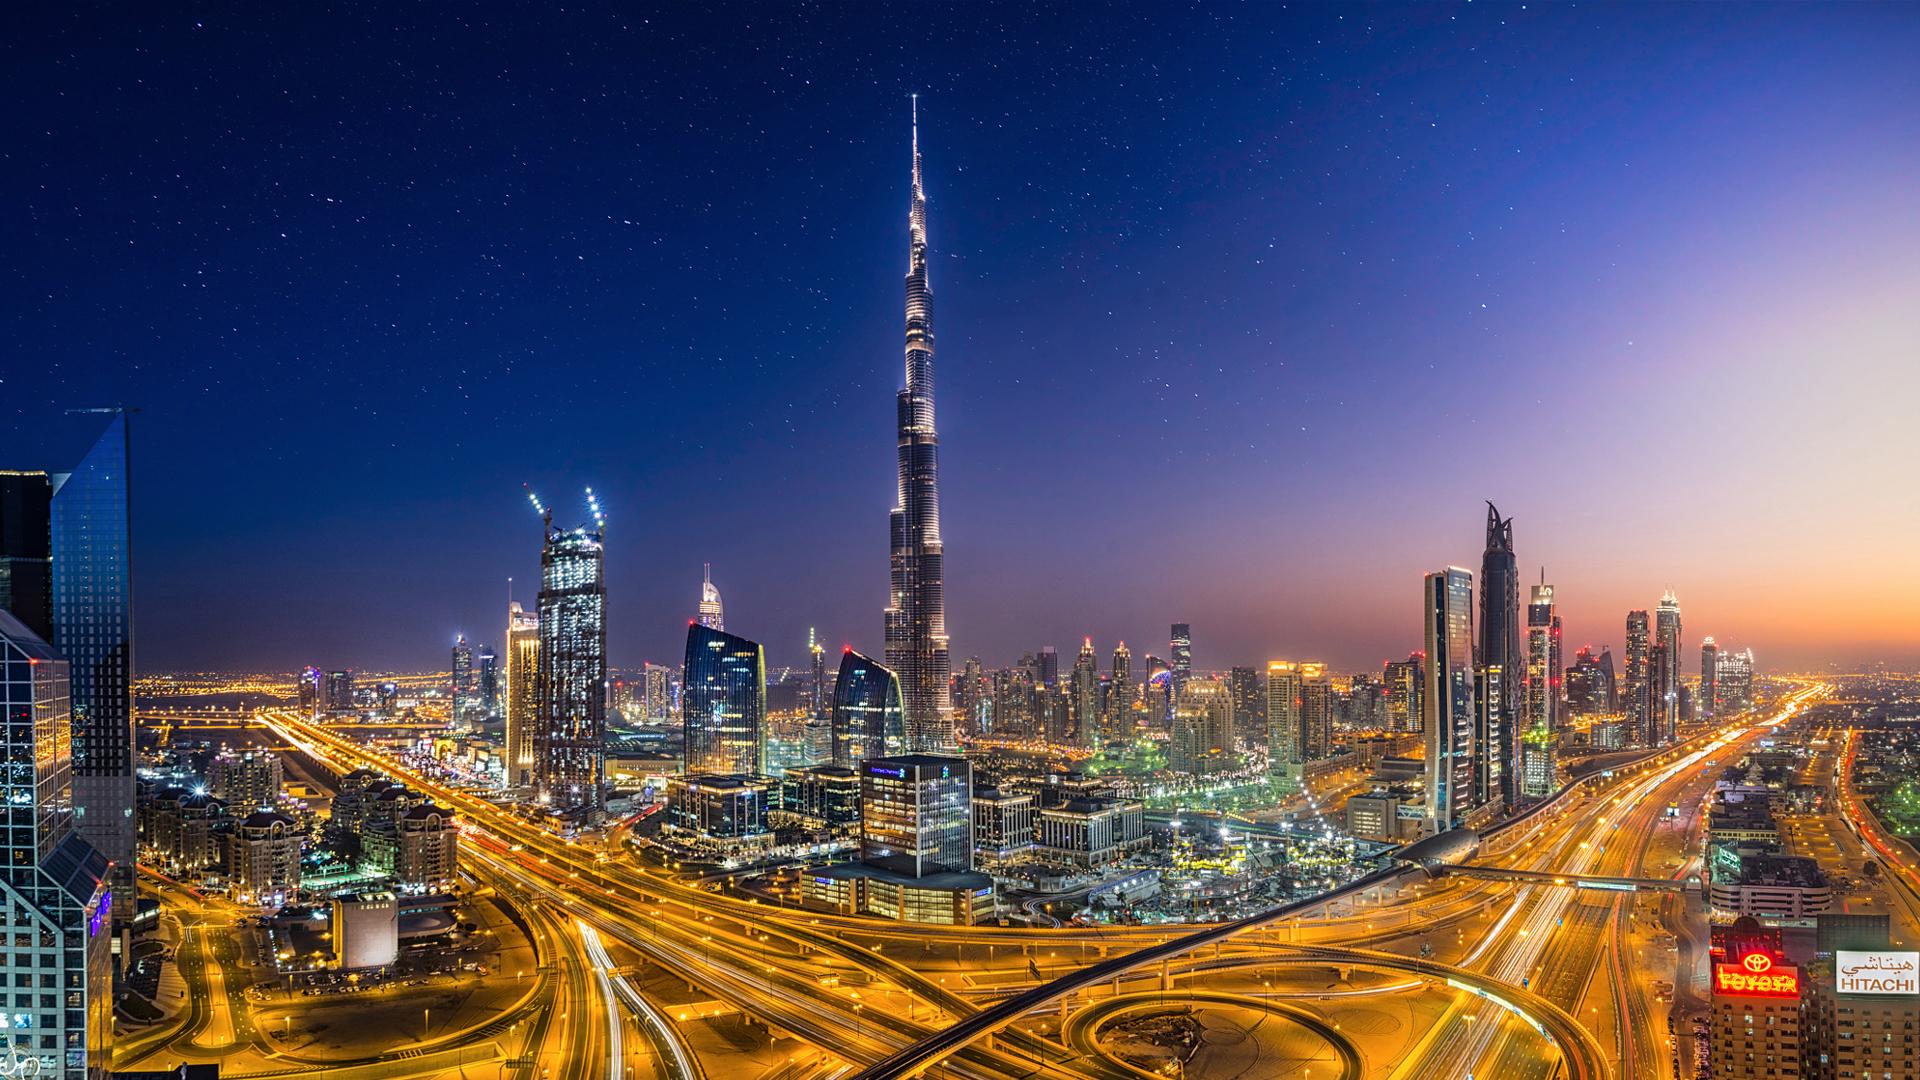 дубаи высота огни город Dubai height lights the city подборки